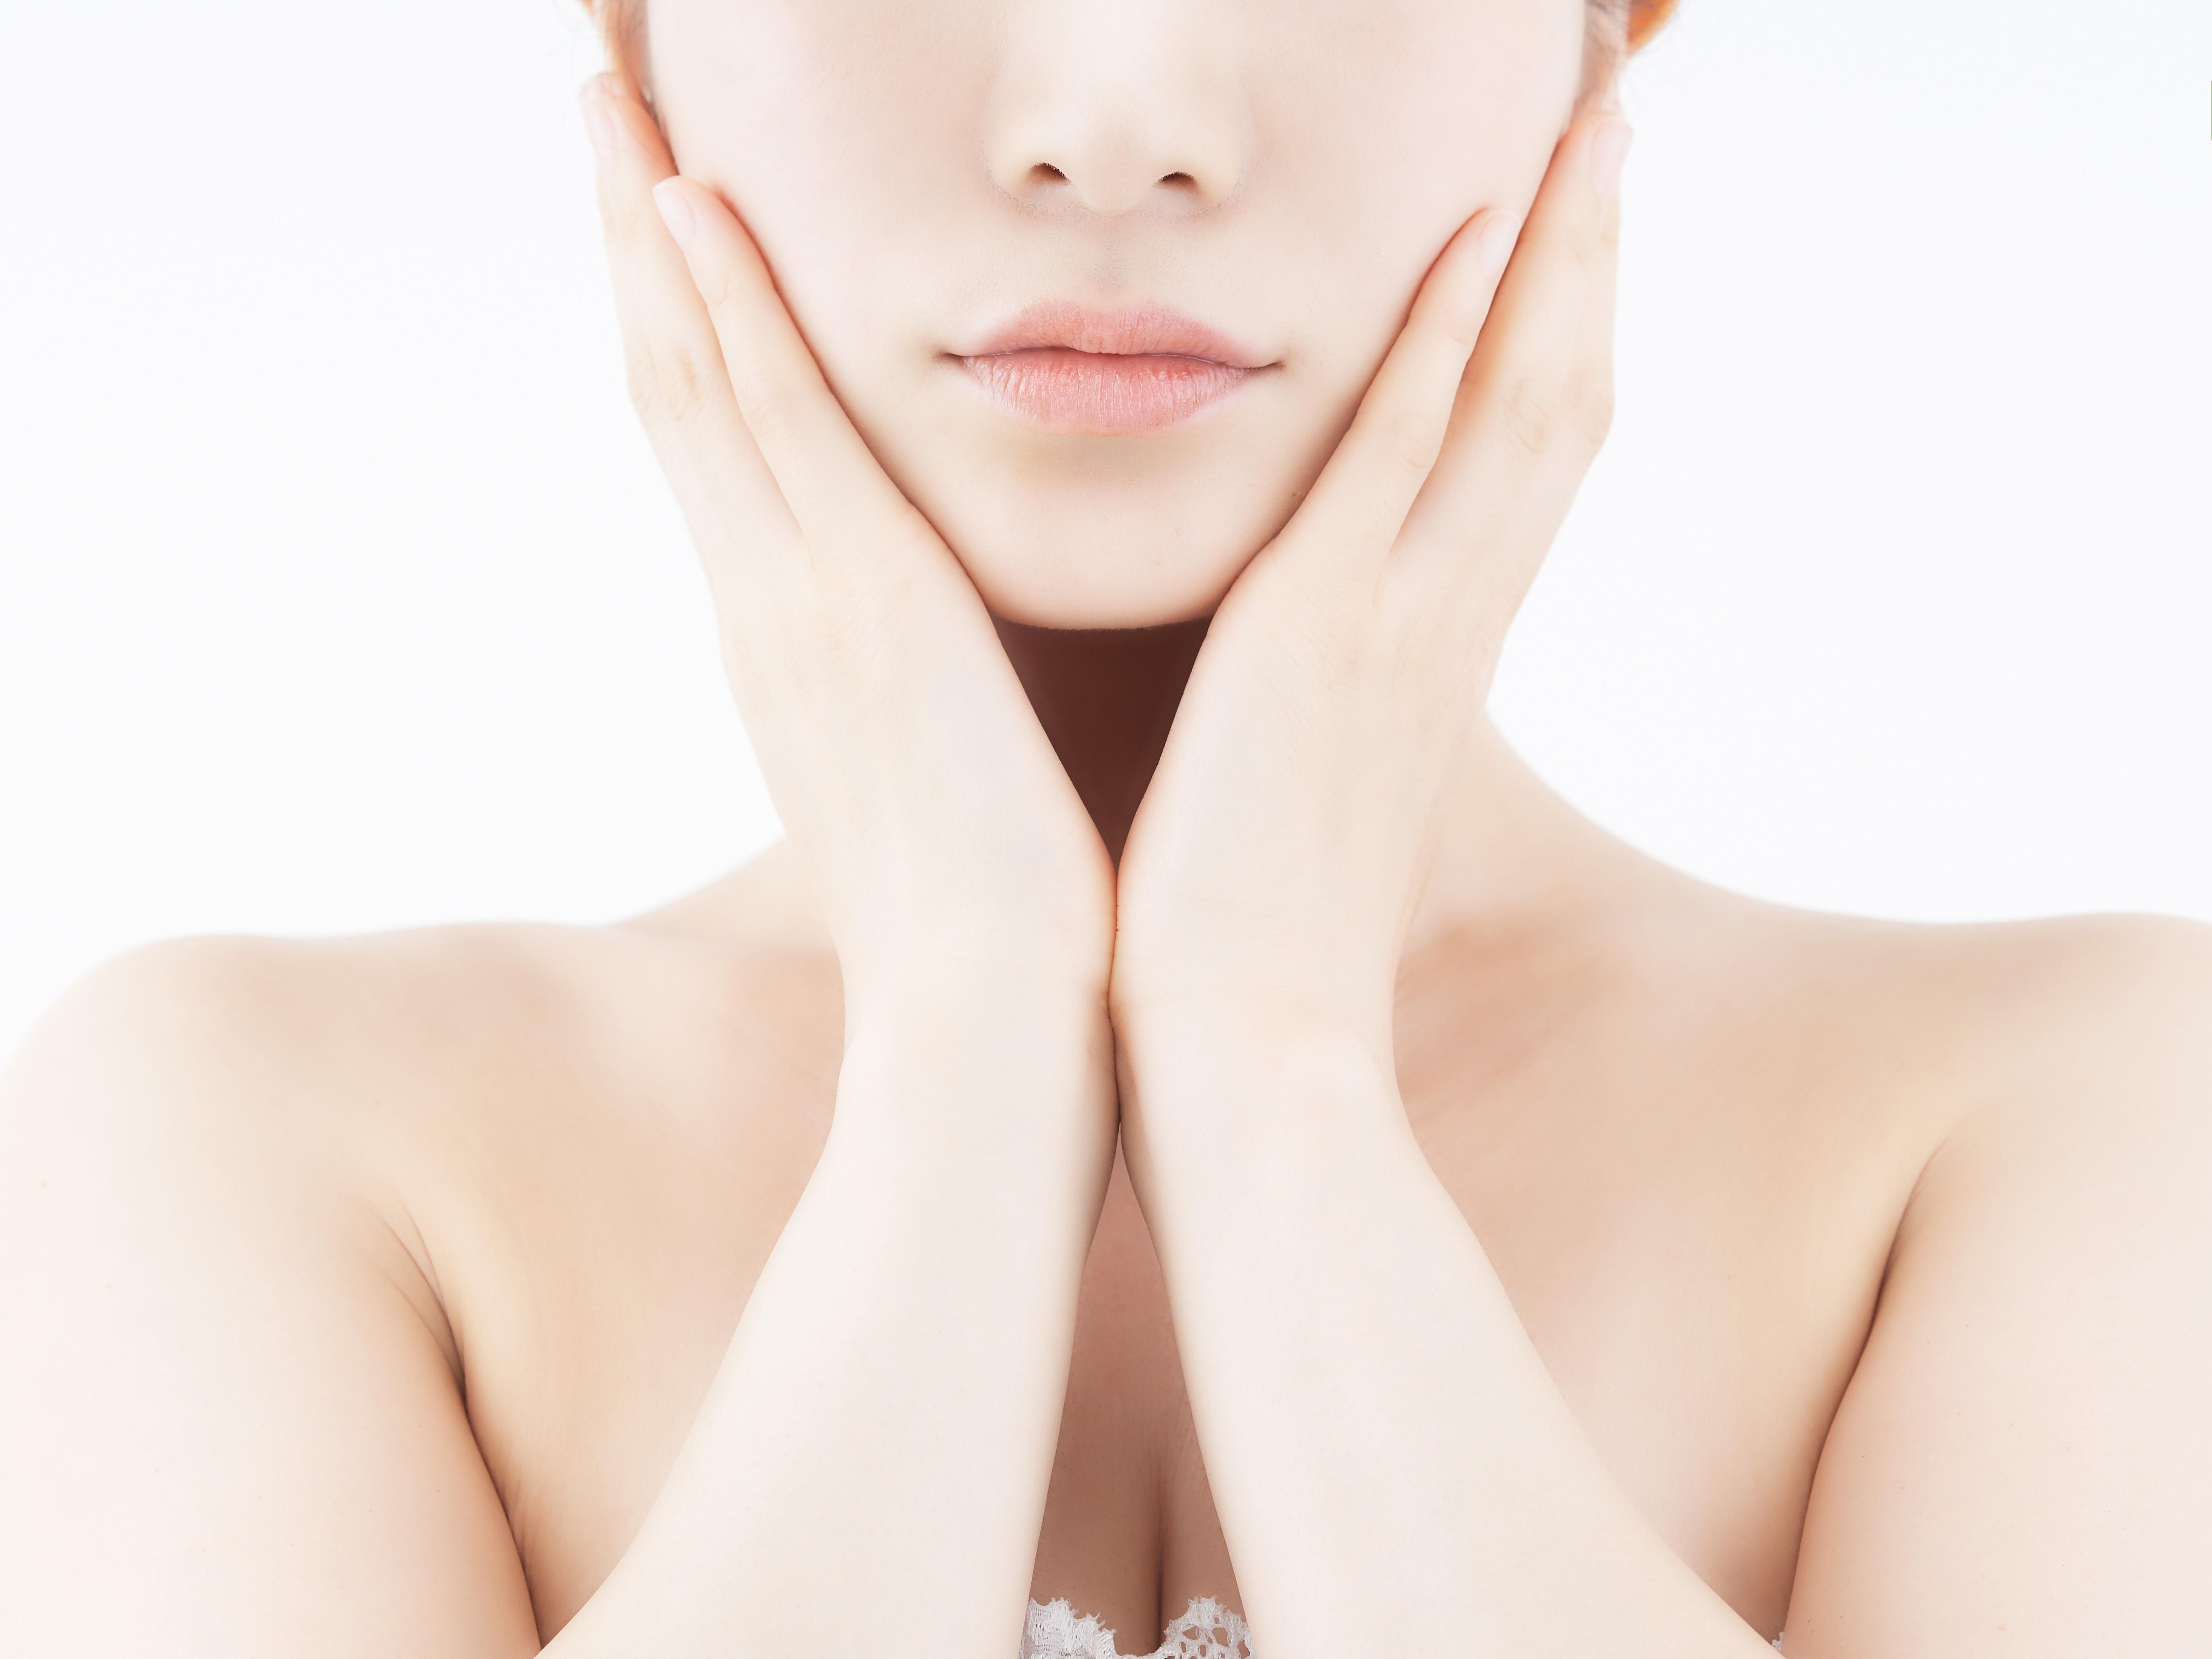 Cenbless 成増フェイシャル&ネイルサロン 角層(角質層)のNMFと細胞間脂質がお肌のうるおいを守ります